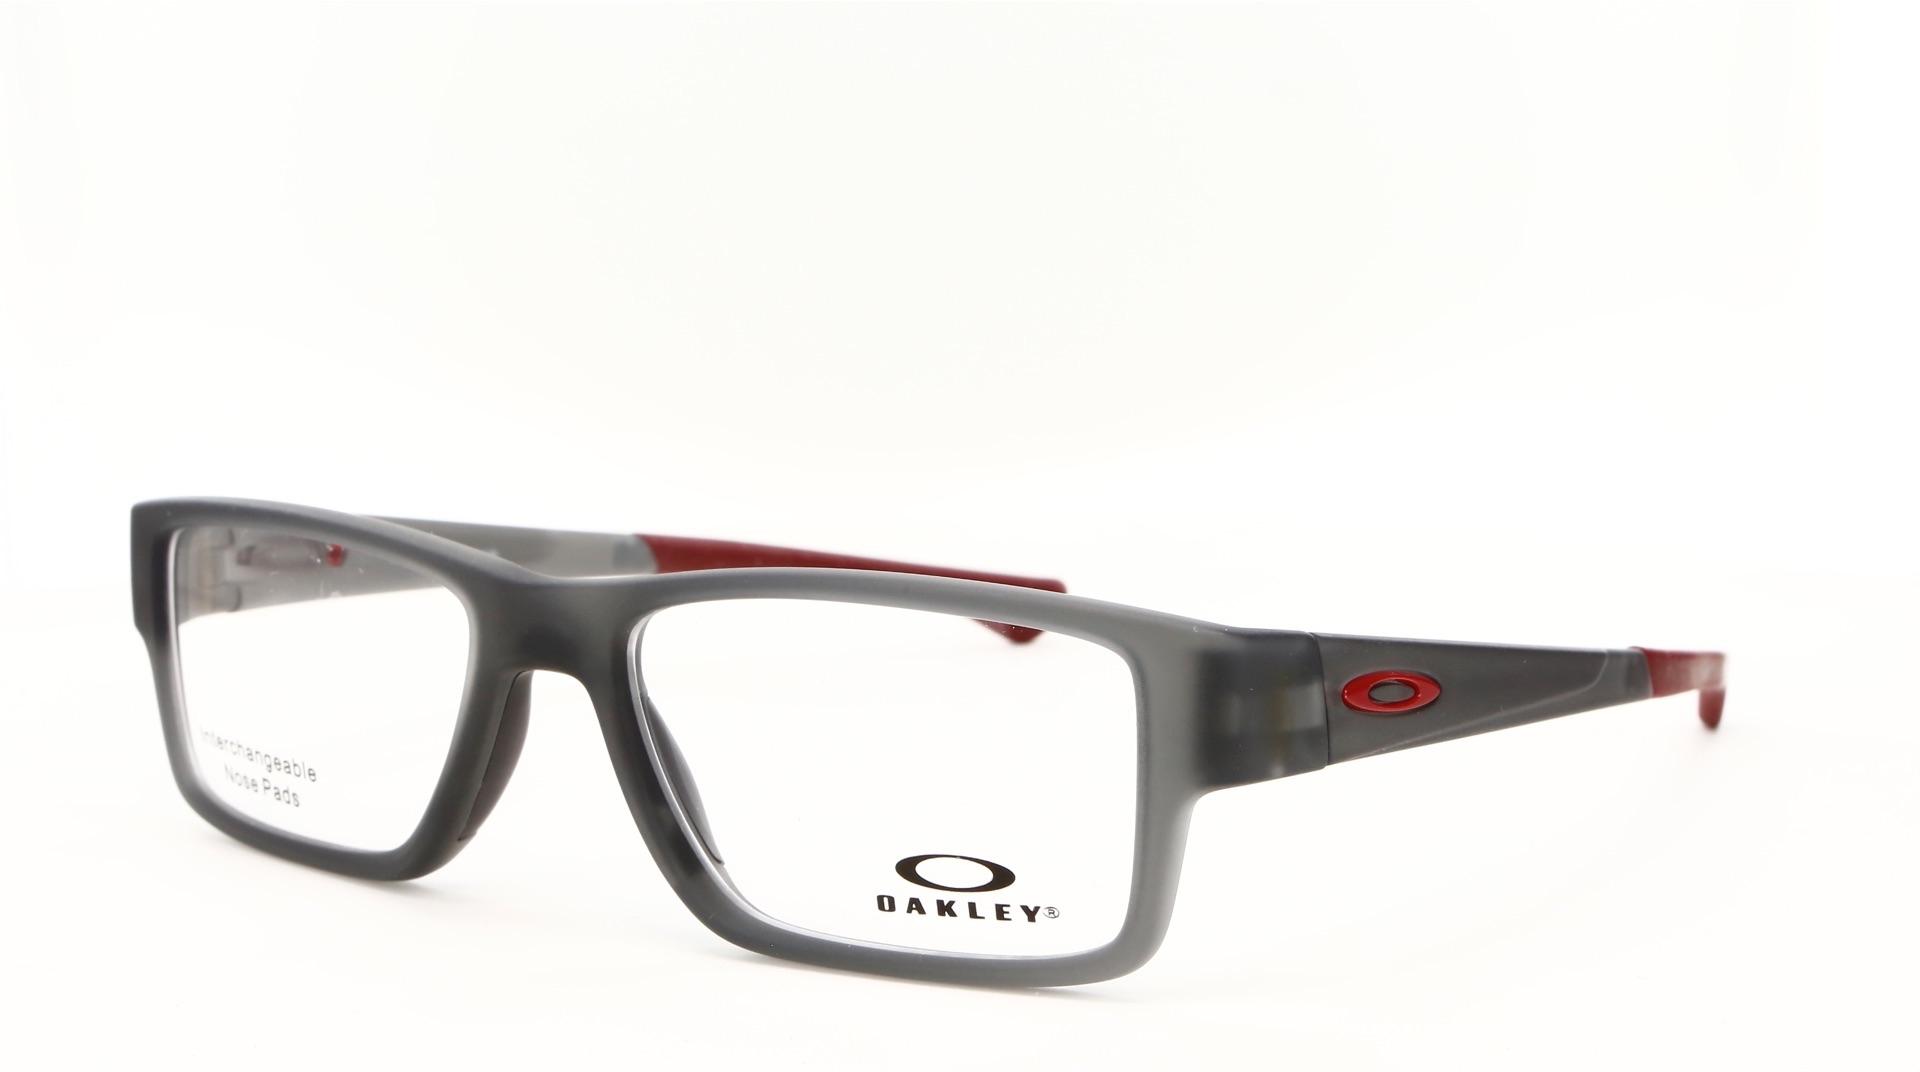 Oakley - ref: 78536